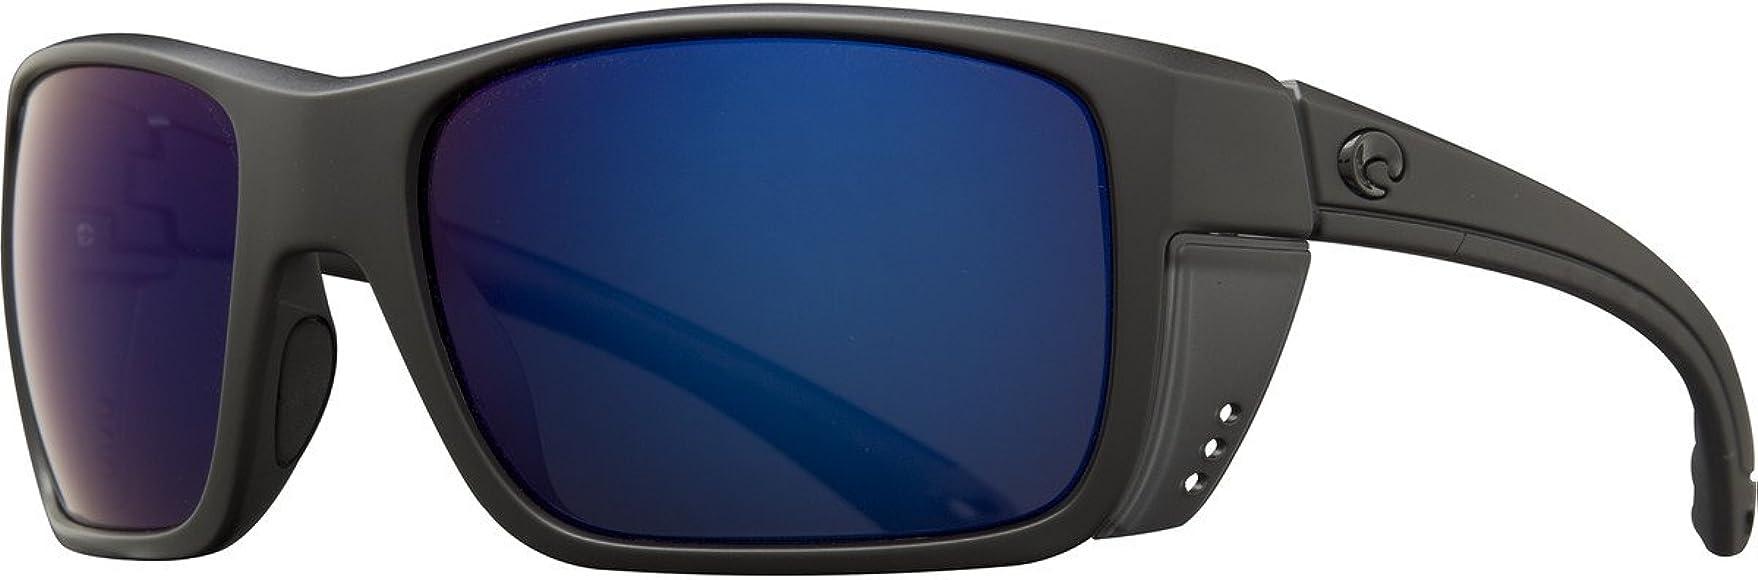 4df1d76fd Amazon.com: Costa Del Mar Rooster Sunglasses, Blackout, Blue Mirror 580  Plastic Lens: Costa Del Mar: Shoes